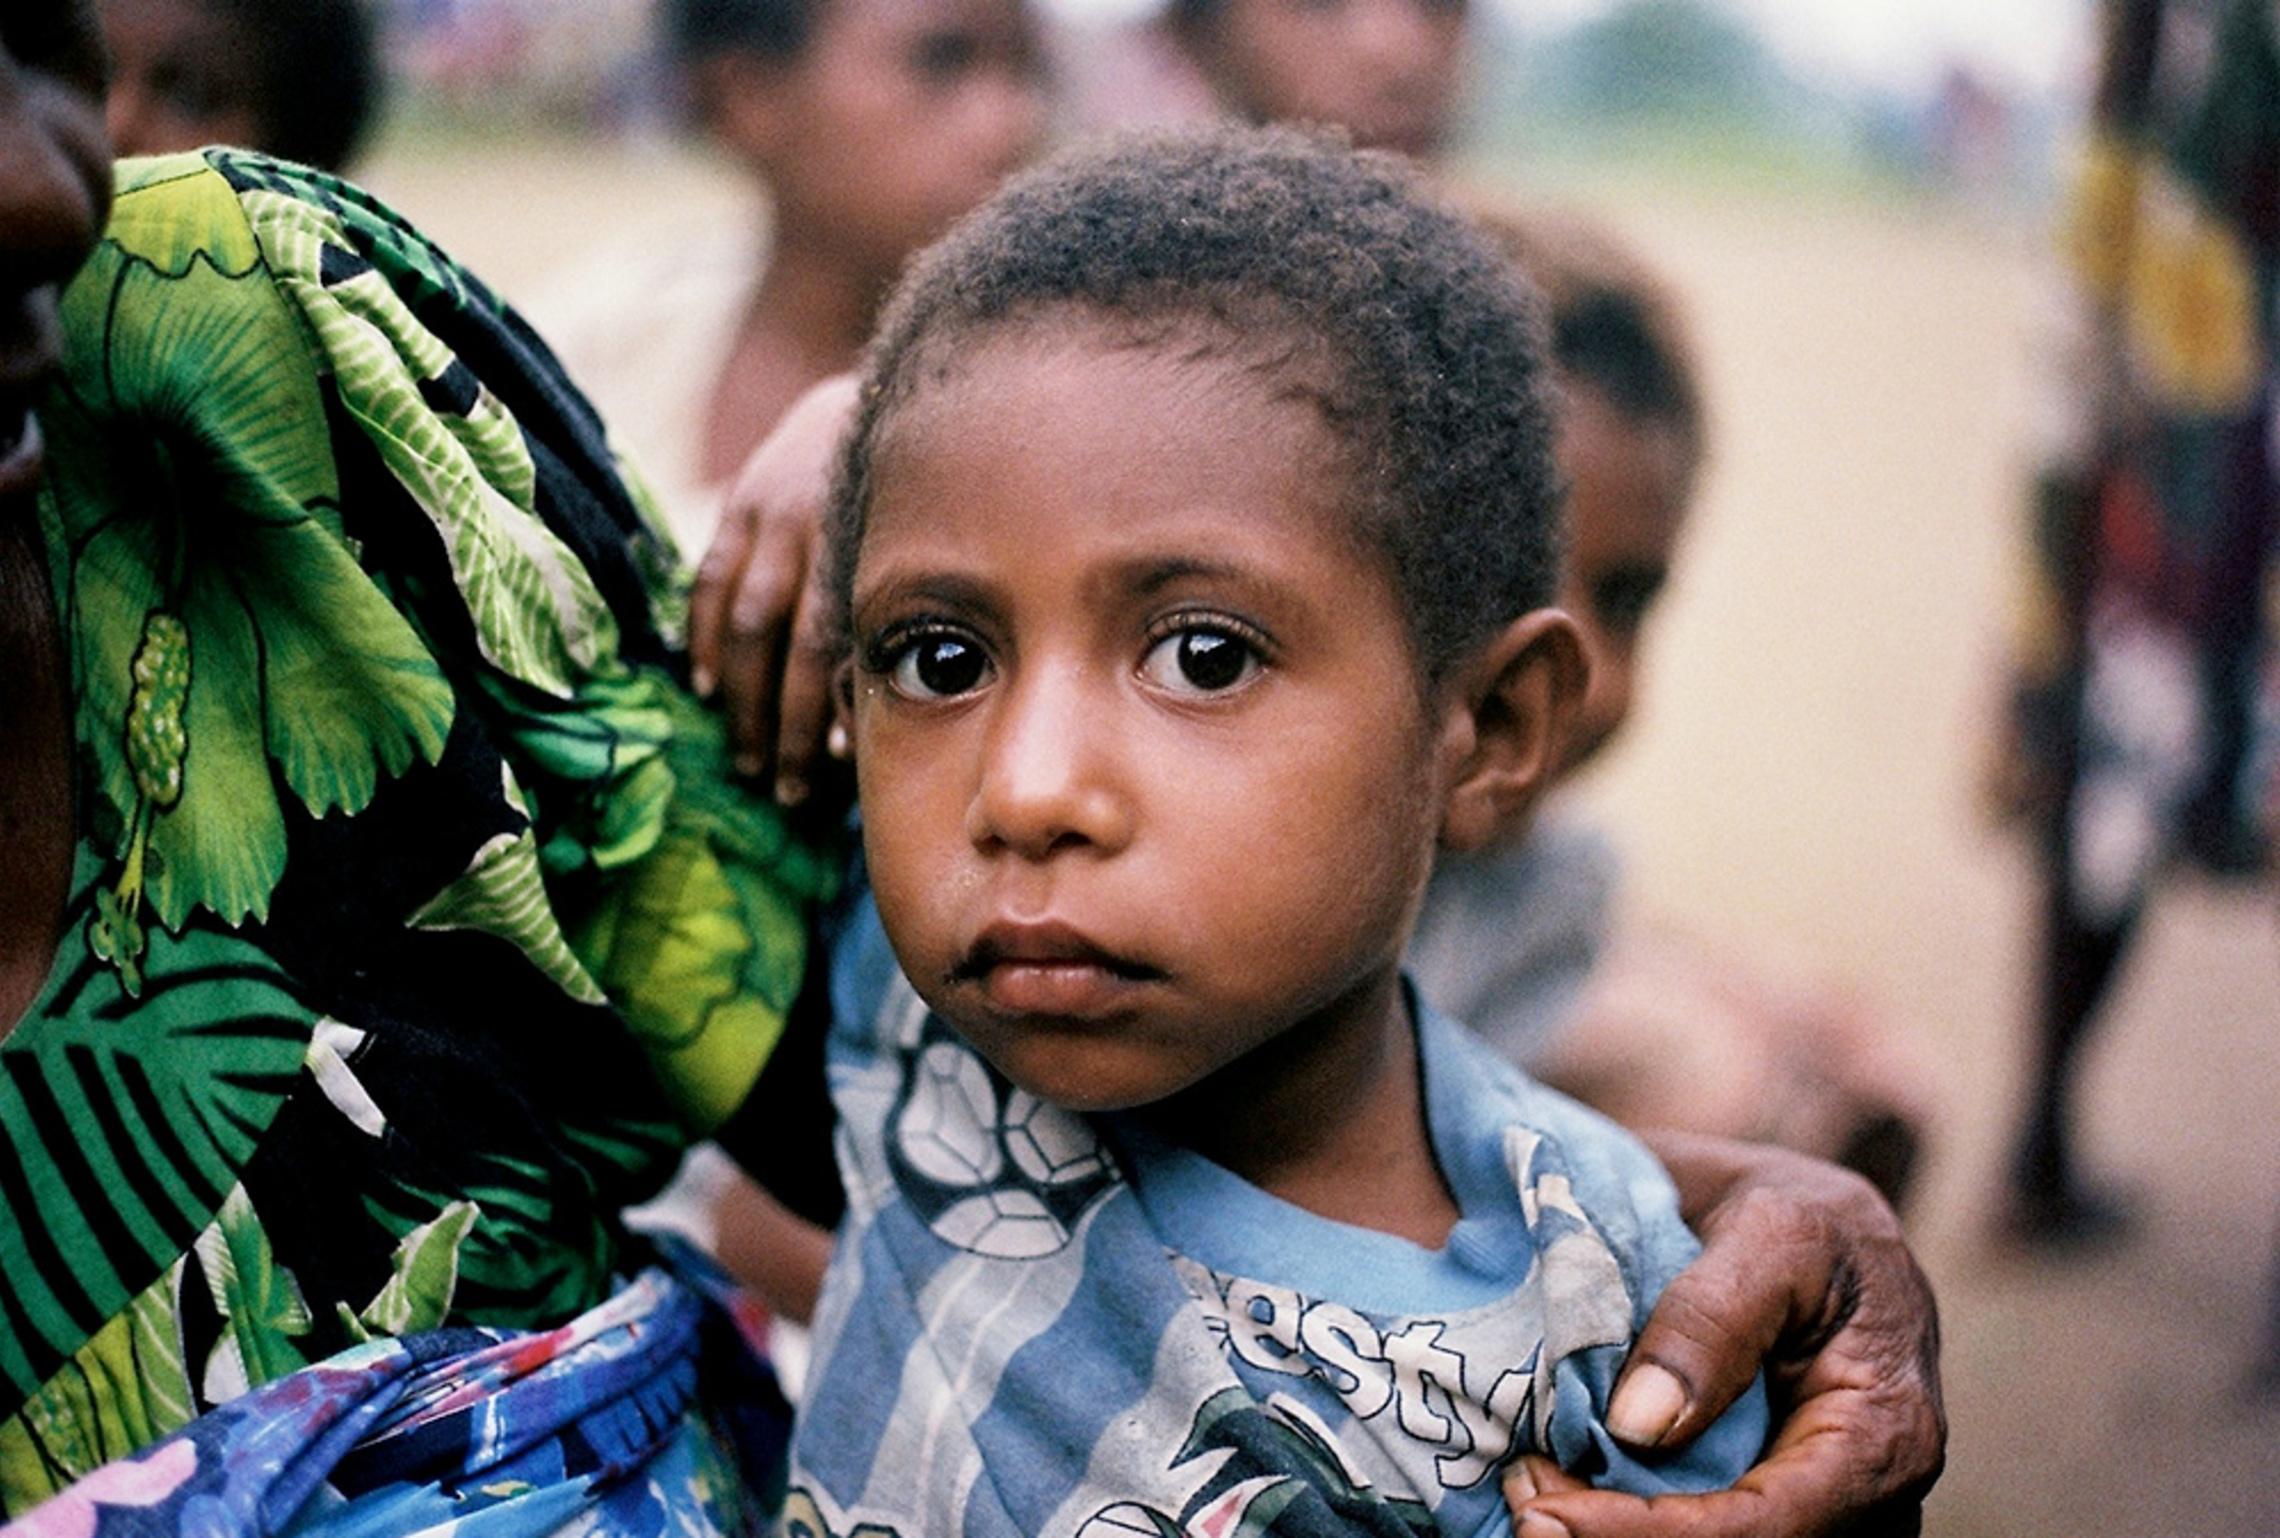 Papua New Guinea, 2012